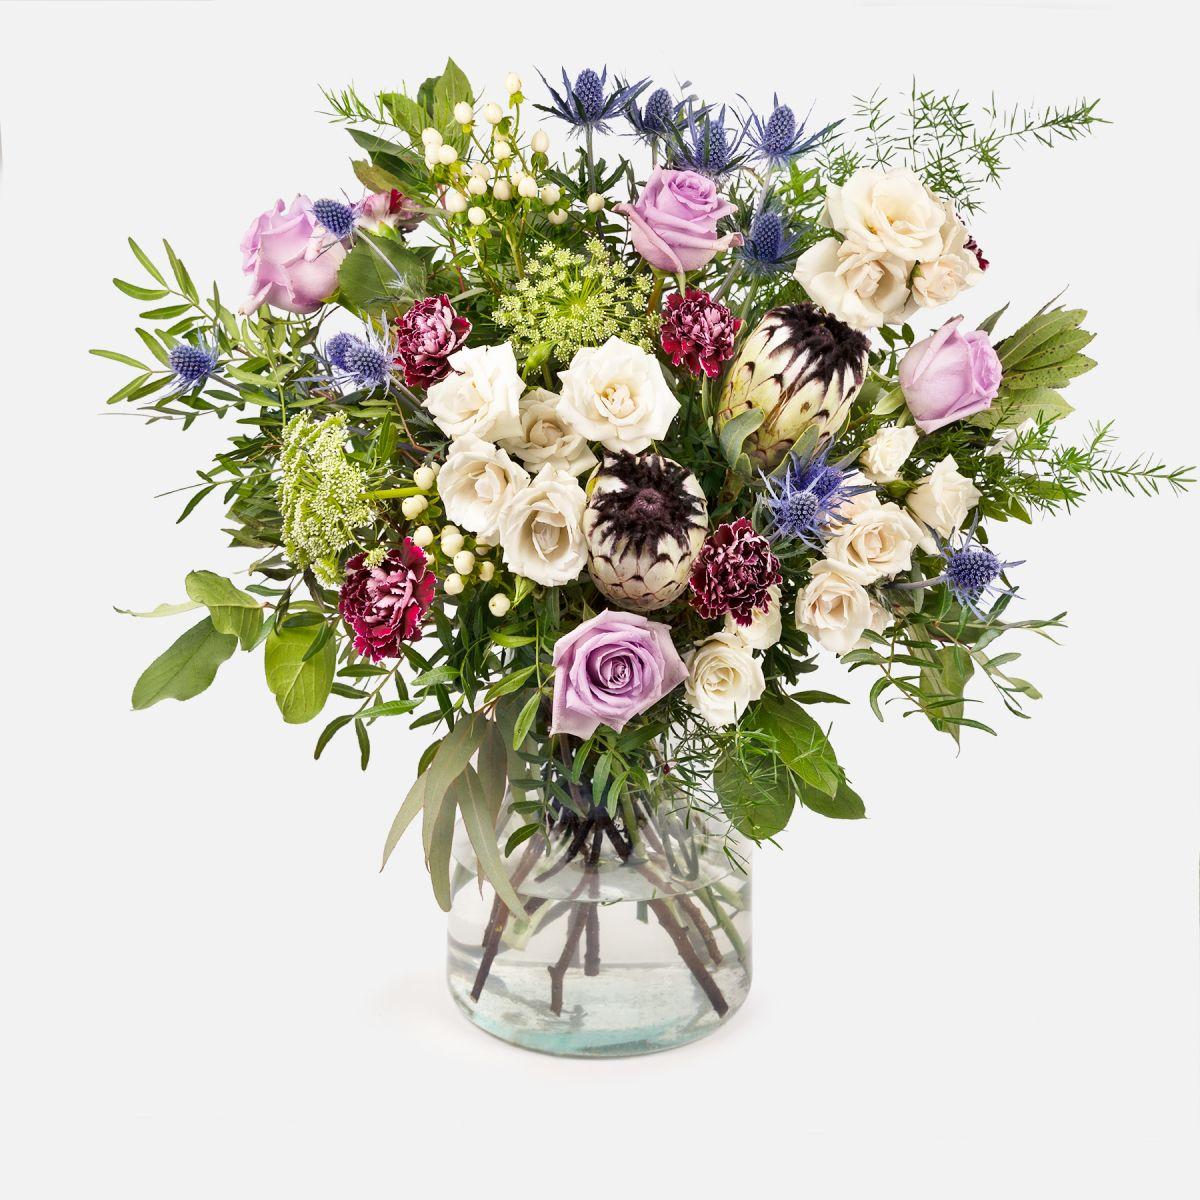 Fiori a domicilio - Bouquet con Protea e Garofani - FEEL THE MAGIC - Colvin